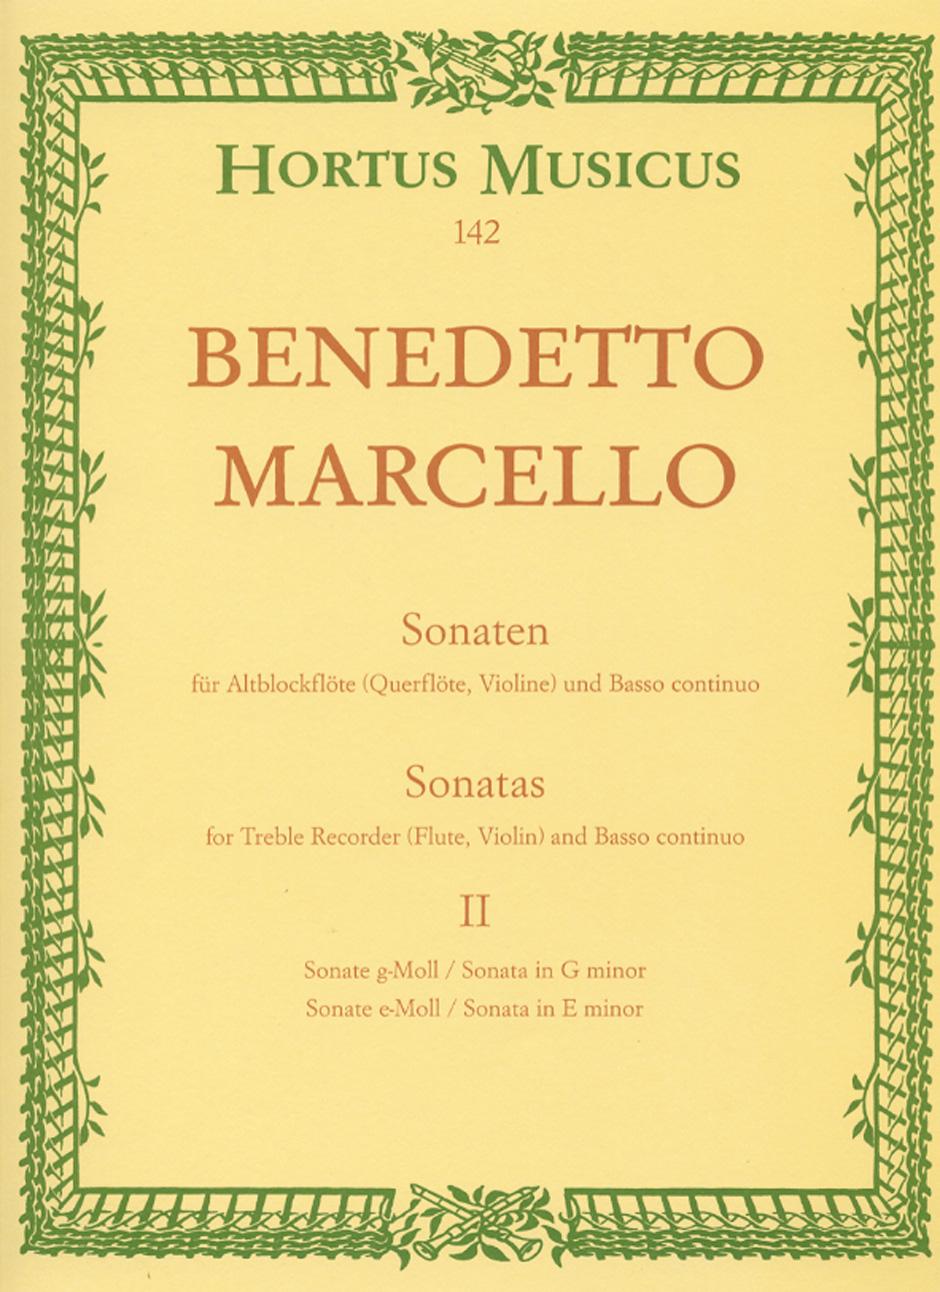 SONATAS Volume 2 Op.2/3 in g minor and Op.2/4 in e minor